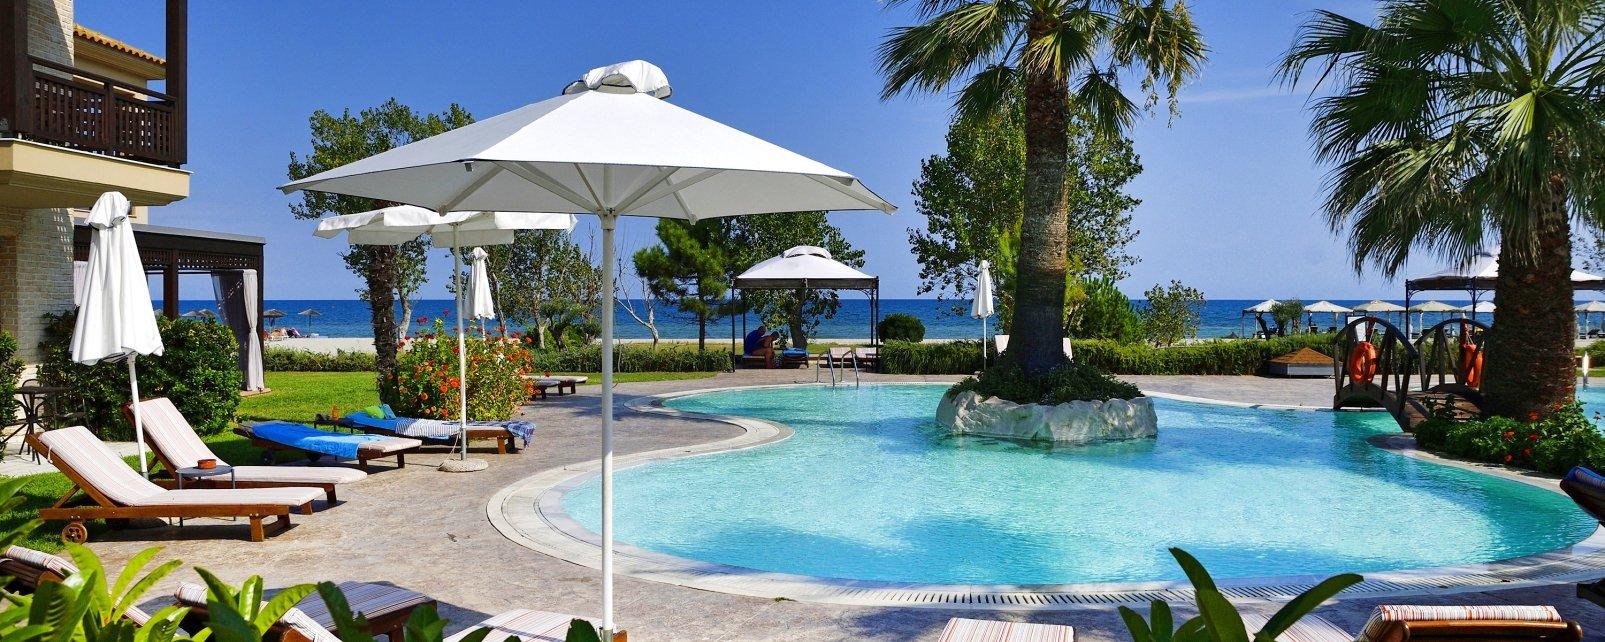 Hôtel Sentido Mediterranean Village